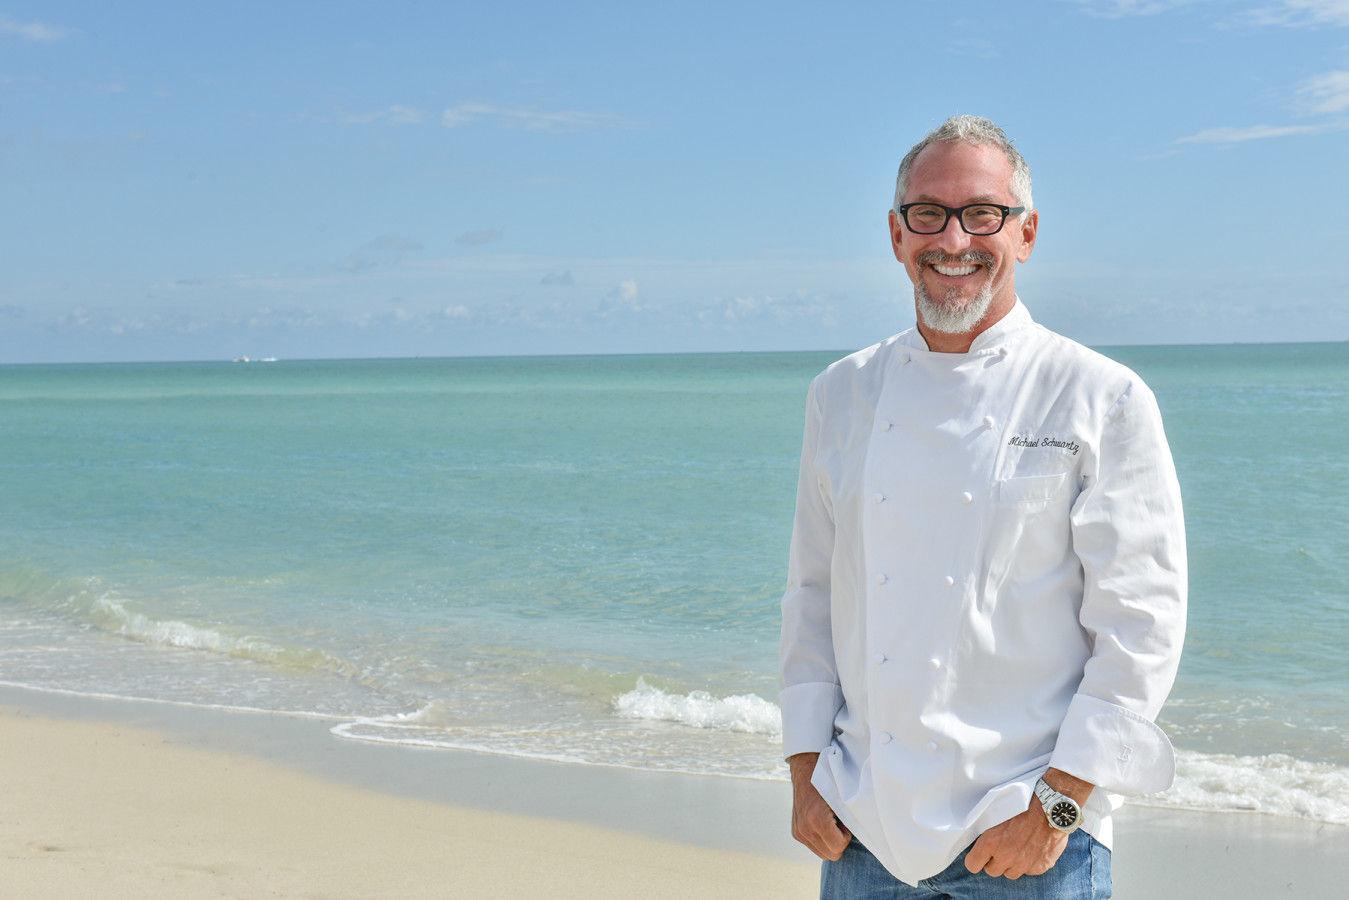 Chef Michael Schwartz